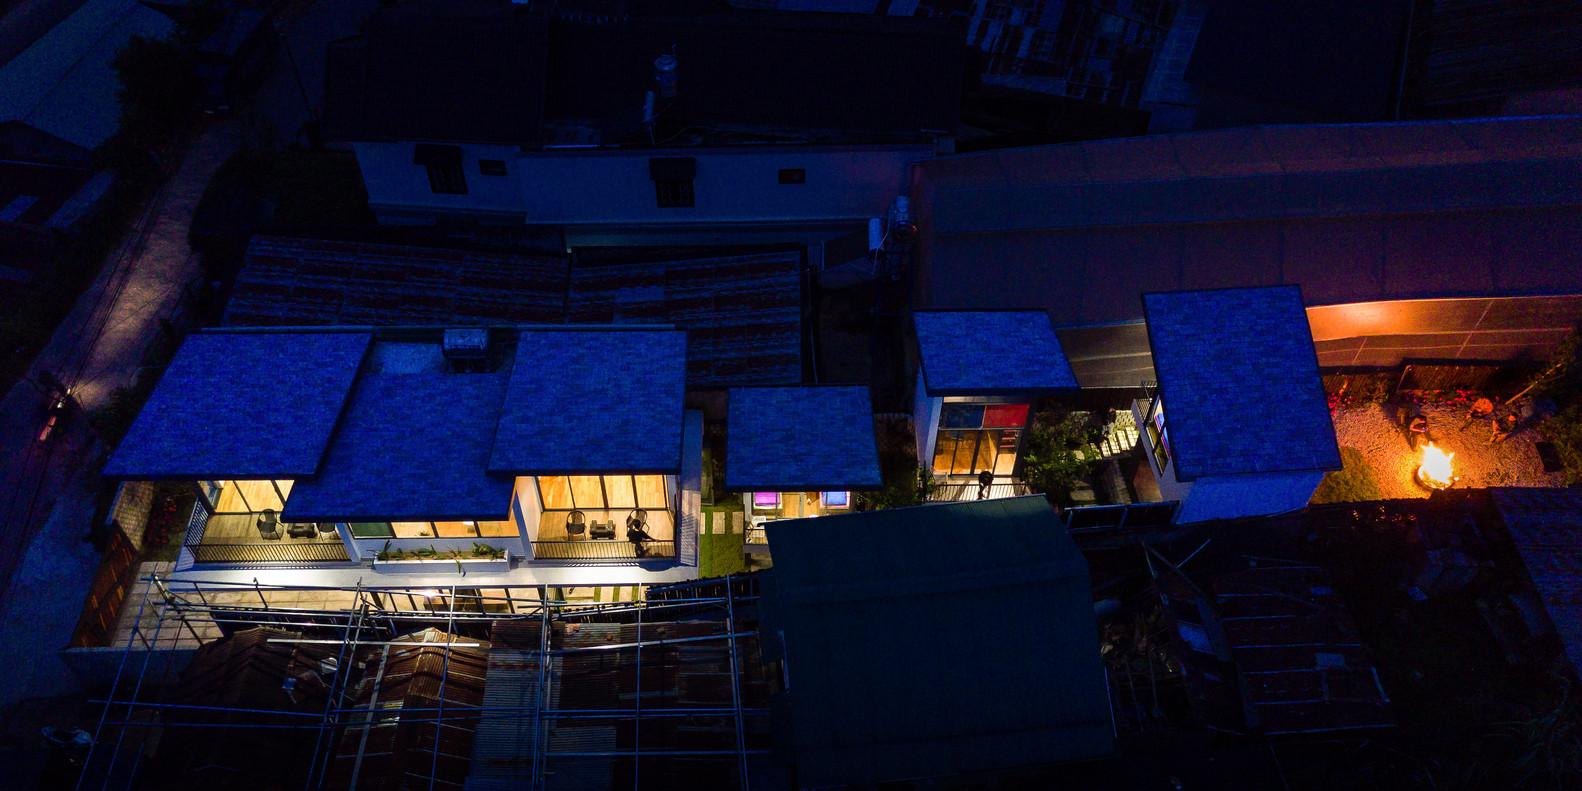 Cảnh homestay từ trên cao được chụp vào ban đêm